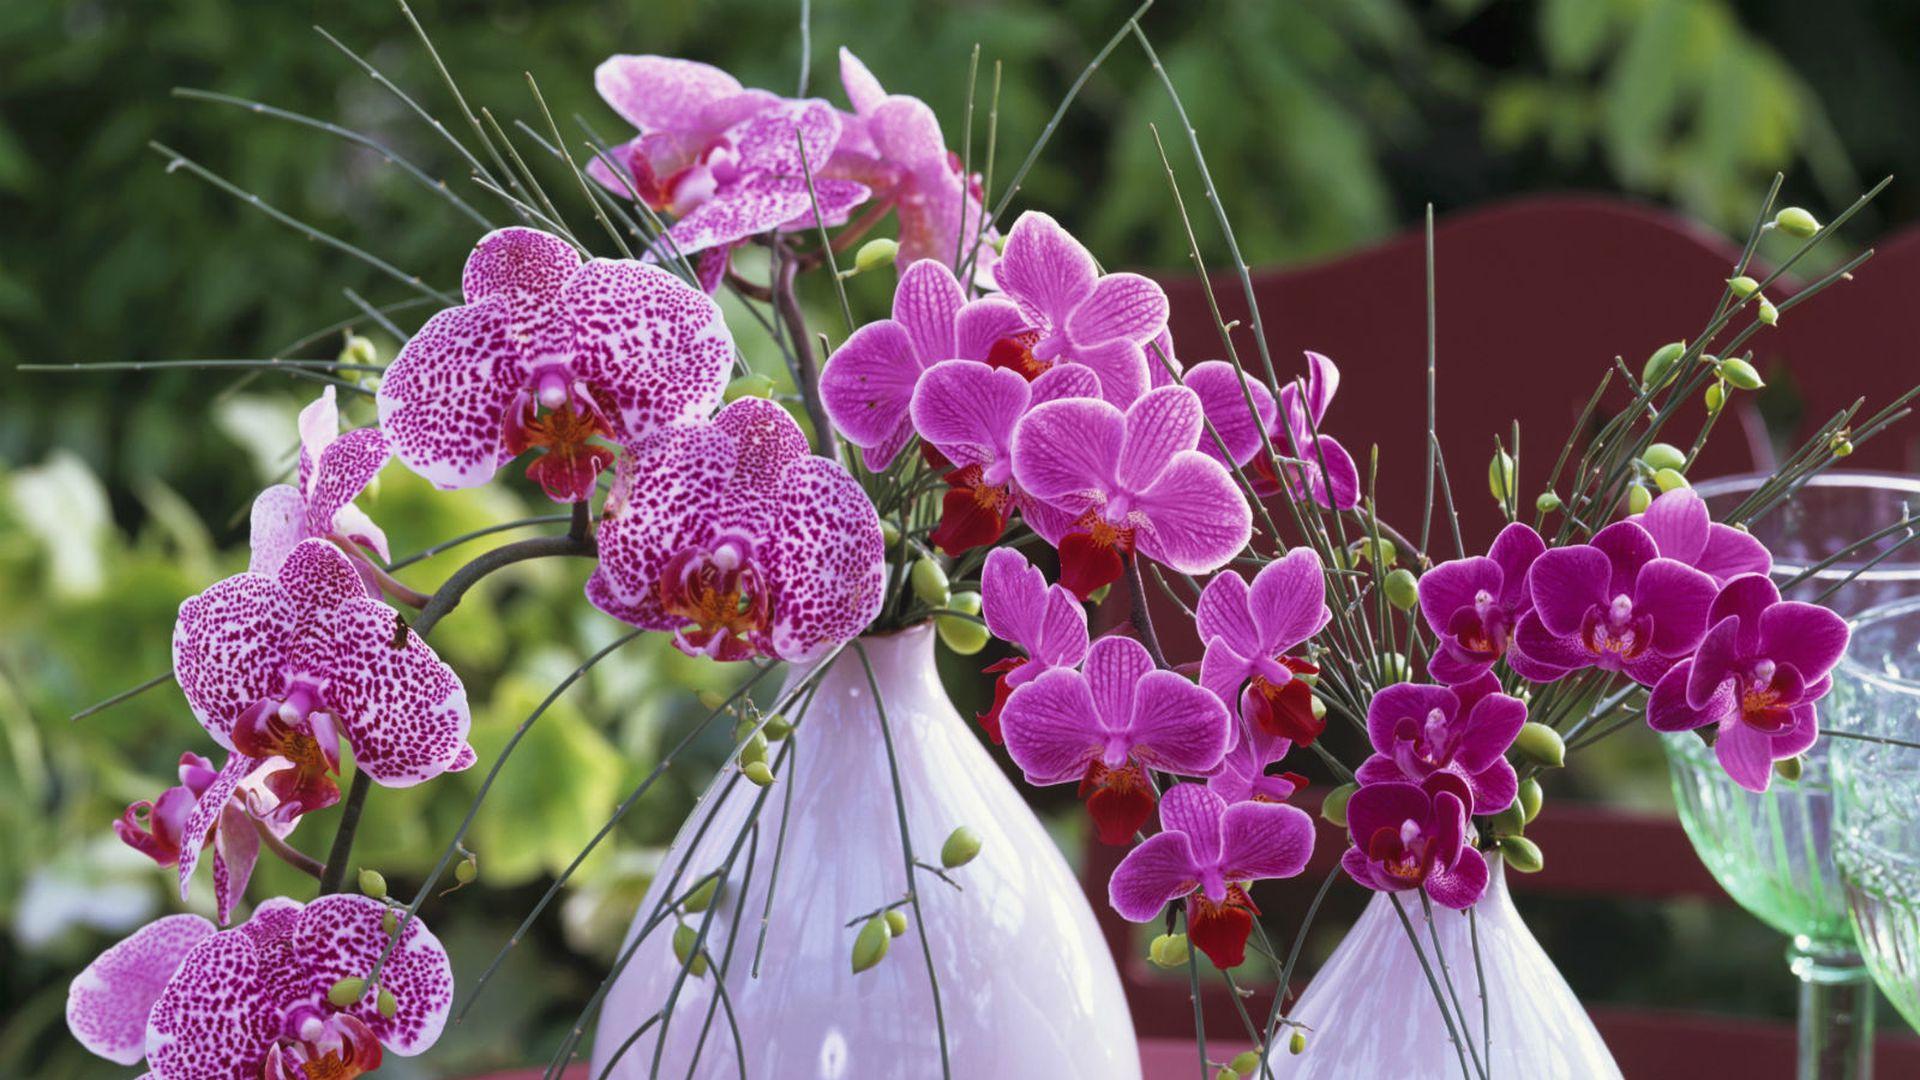 приобретения поздравления о семенах цветов ней город потный